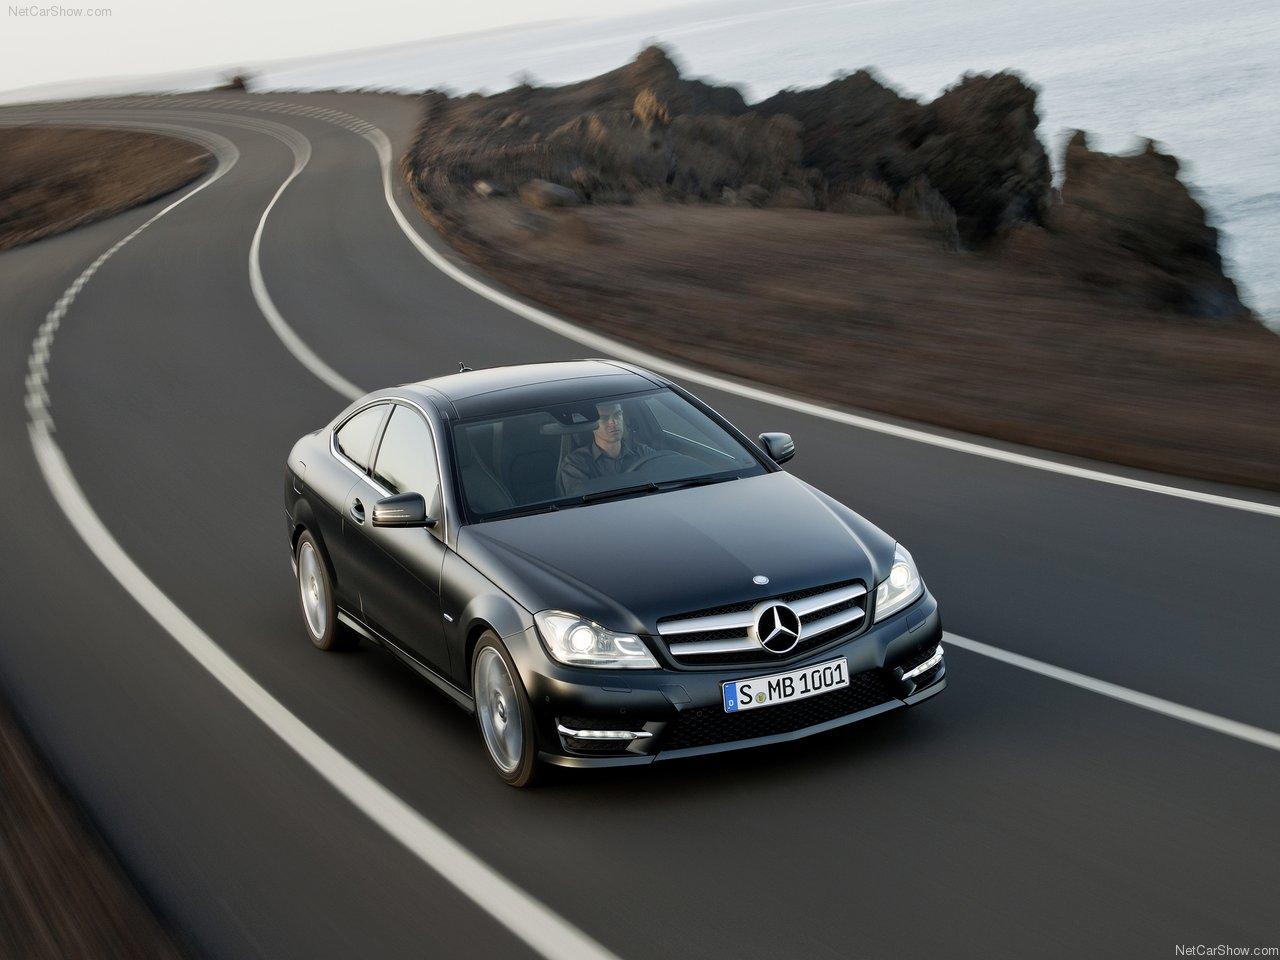 http://3.bp.blogspot.com/-mAM5Cp0kSzk/TV_p3uXjzoI/AAAAAAAAKWI/-tEBwwLlPkA/s1600/Mercedes-Benz-C-Class_Coupe_2012_1280x960_wallpaper_02.jpg